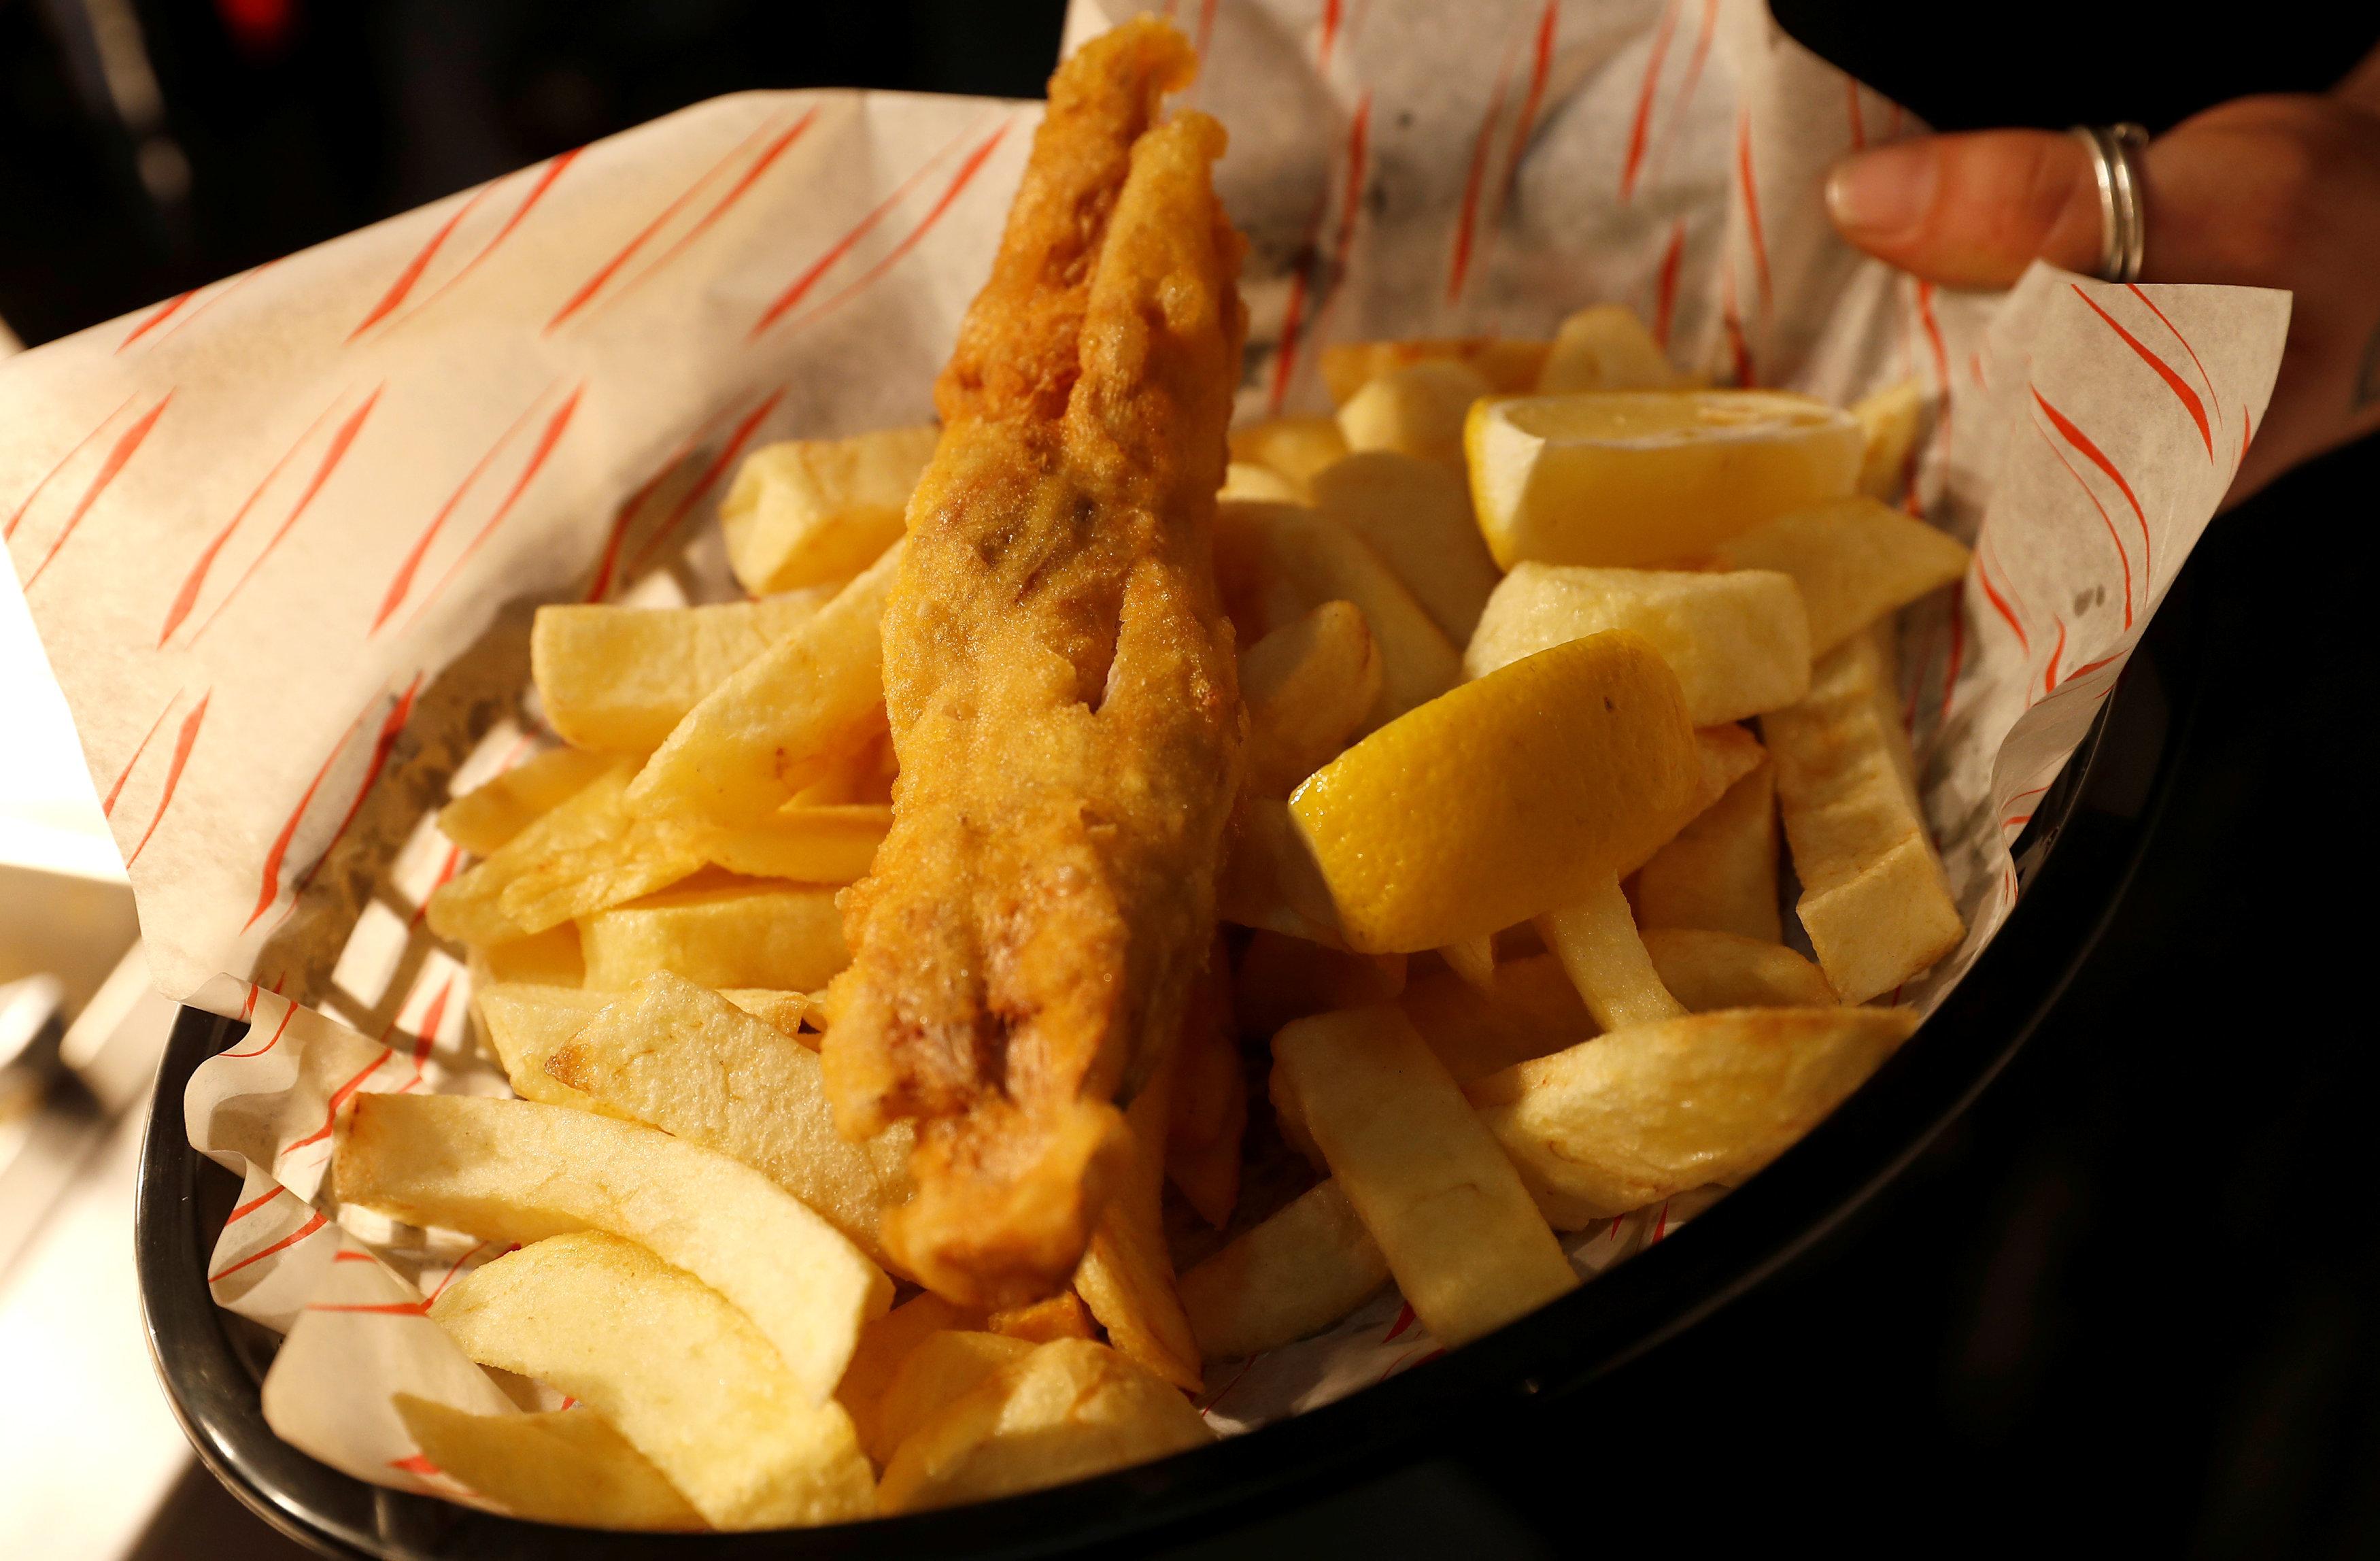 Δεν θα μαντέψετε με τι αντικατέστησαν το ψάρι σε βέγκαν «fish & chips» εστιατόριο